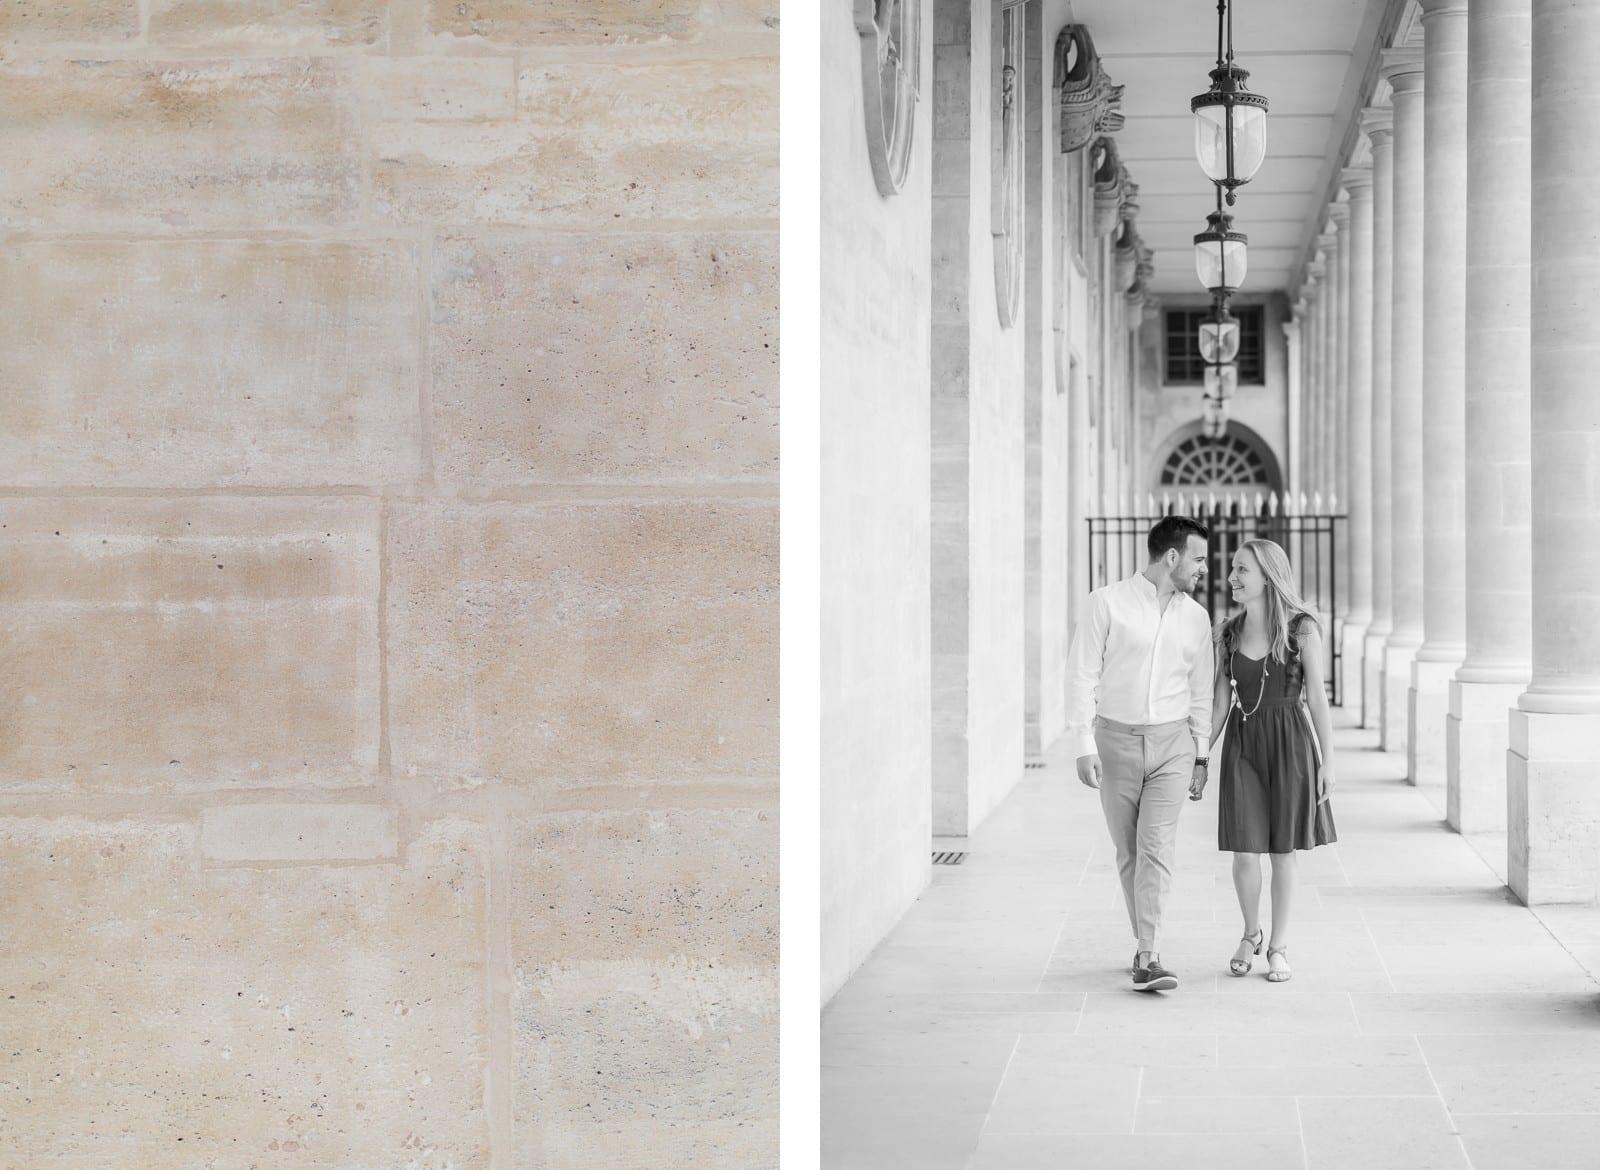 Photo de Mathieu Dété, couple marchant dans les allées du Palais-Royal